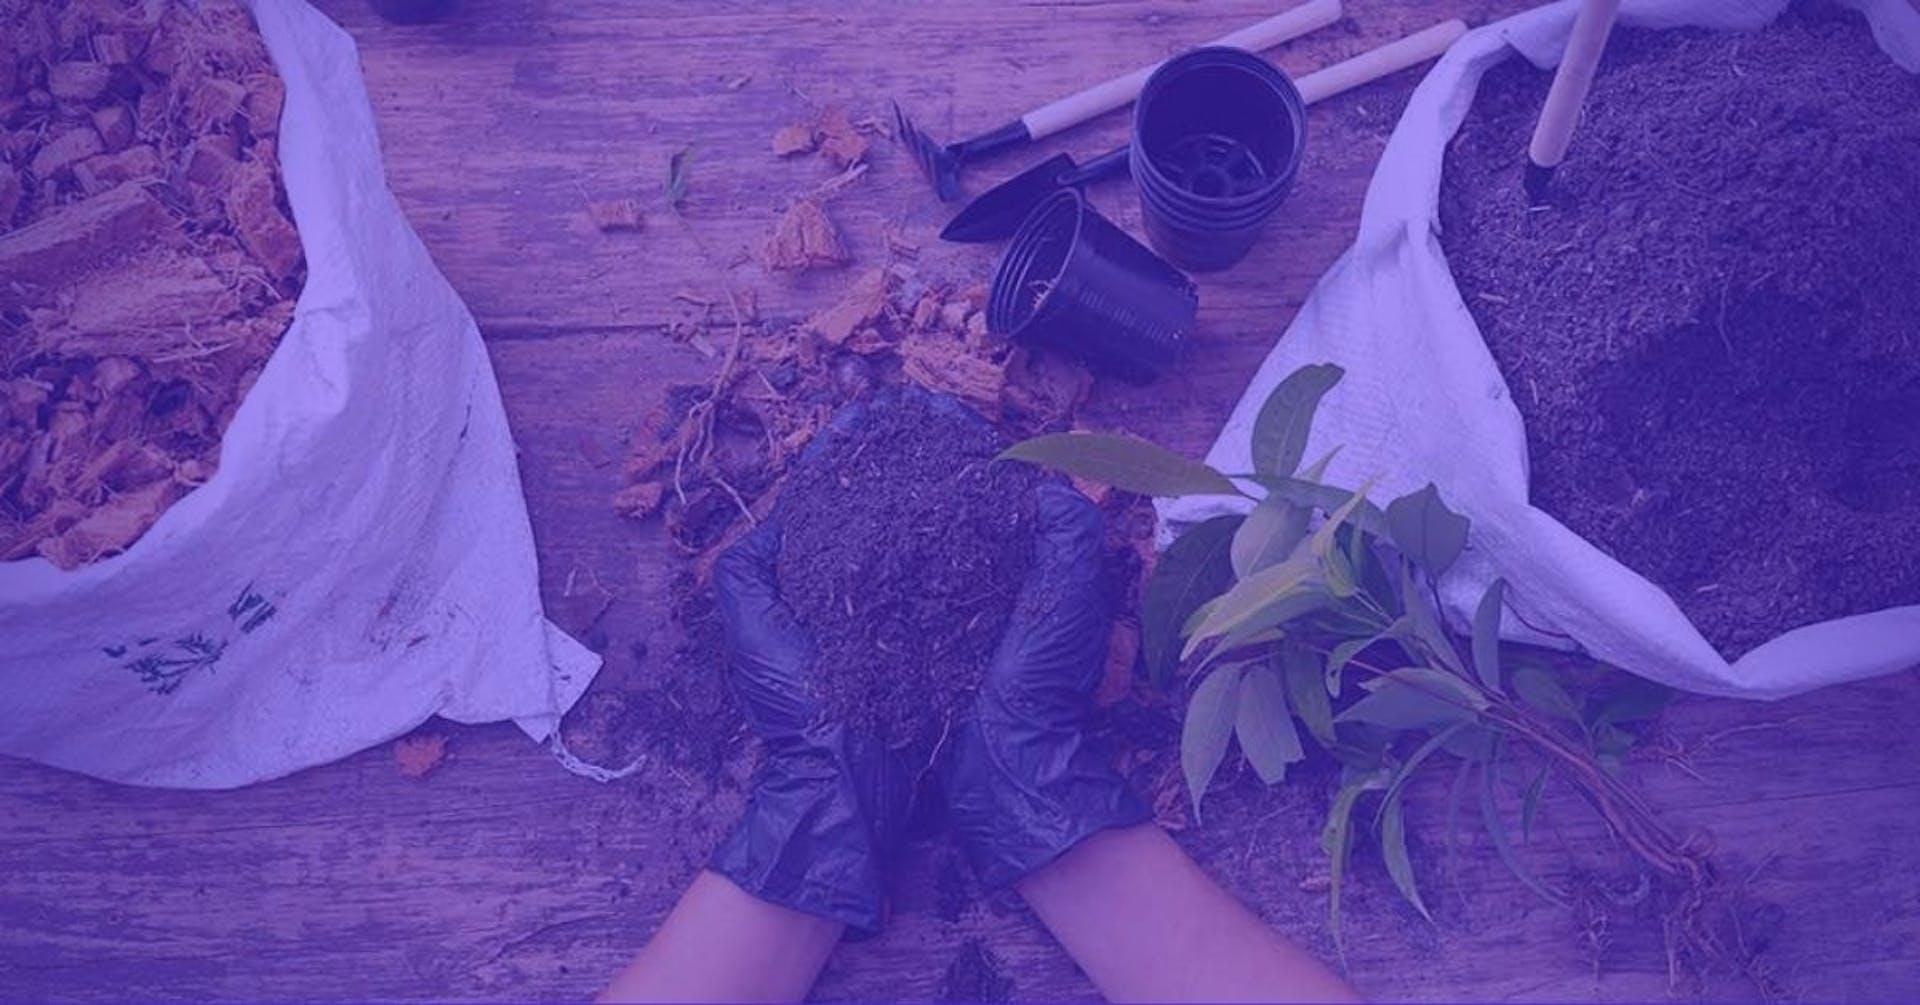 ¿Cómo preparar tierra para plantas? 5 tips para un suelo más fértil y plantas más sanas